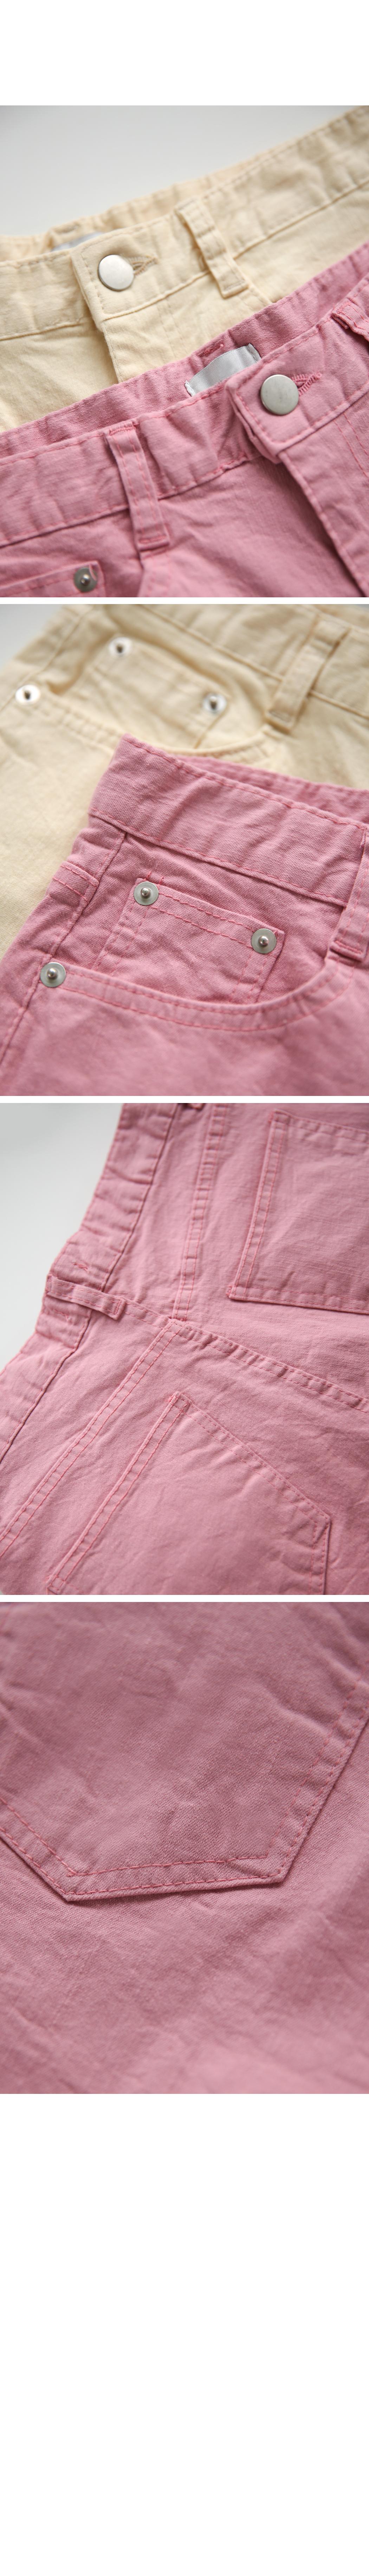 Pastel color shorts